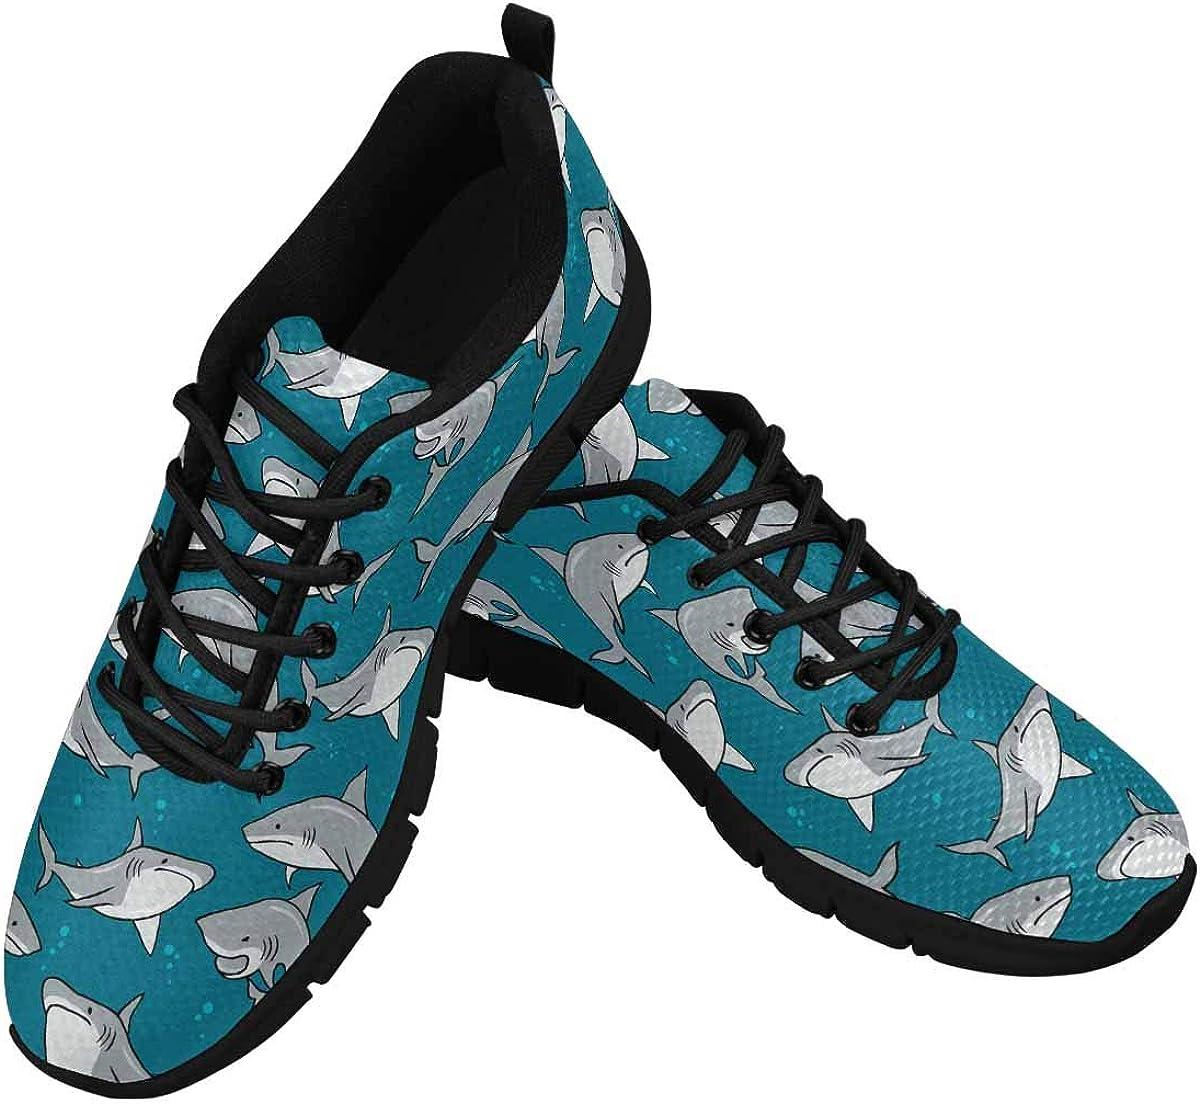 INTERESTPRINT Cartoon Sharks Women's Sneaker Lace Up Running Comfort Sports Shoes